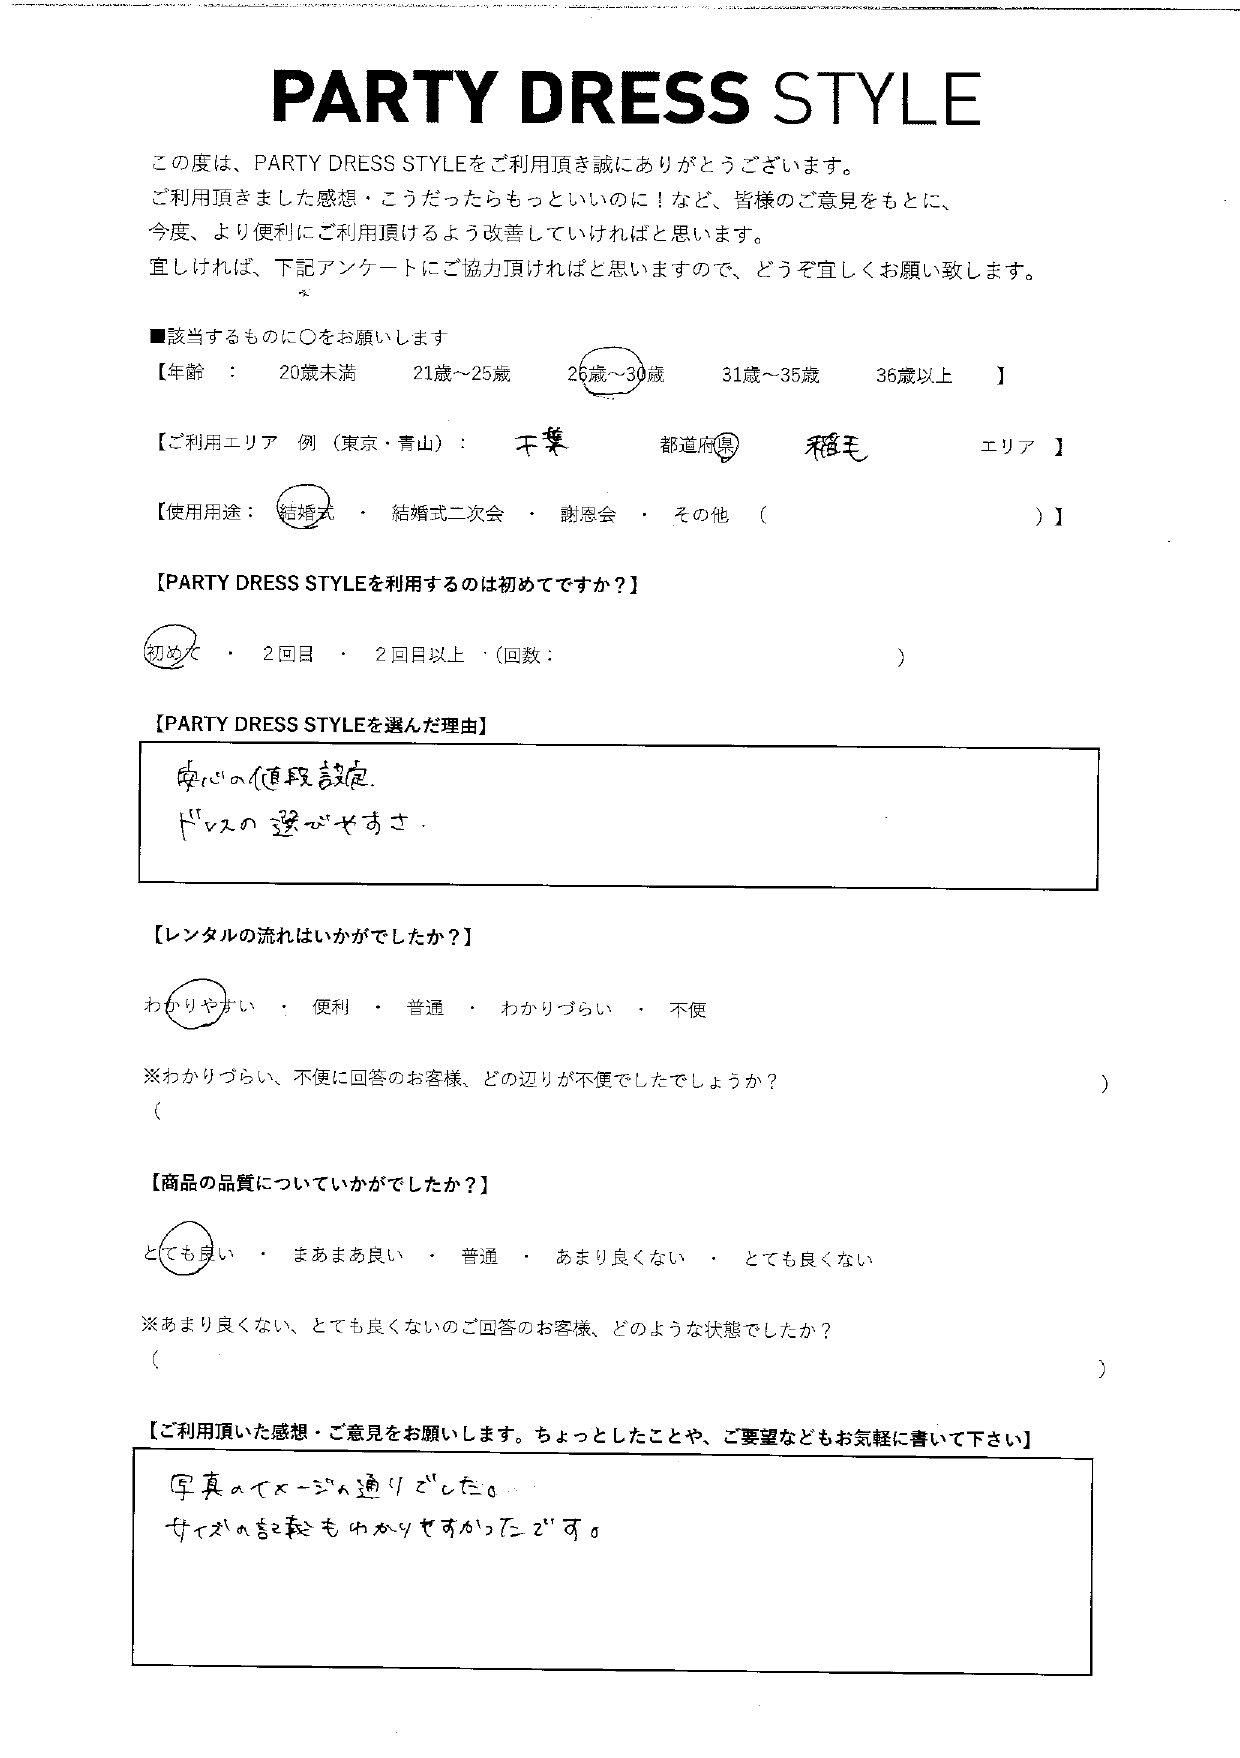 7/24結婚式ご利用 千葉・稲毛エリア